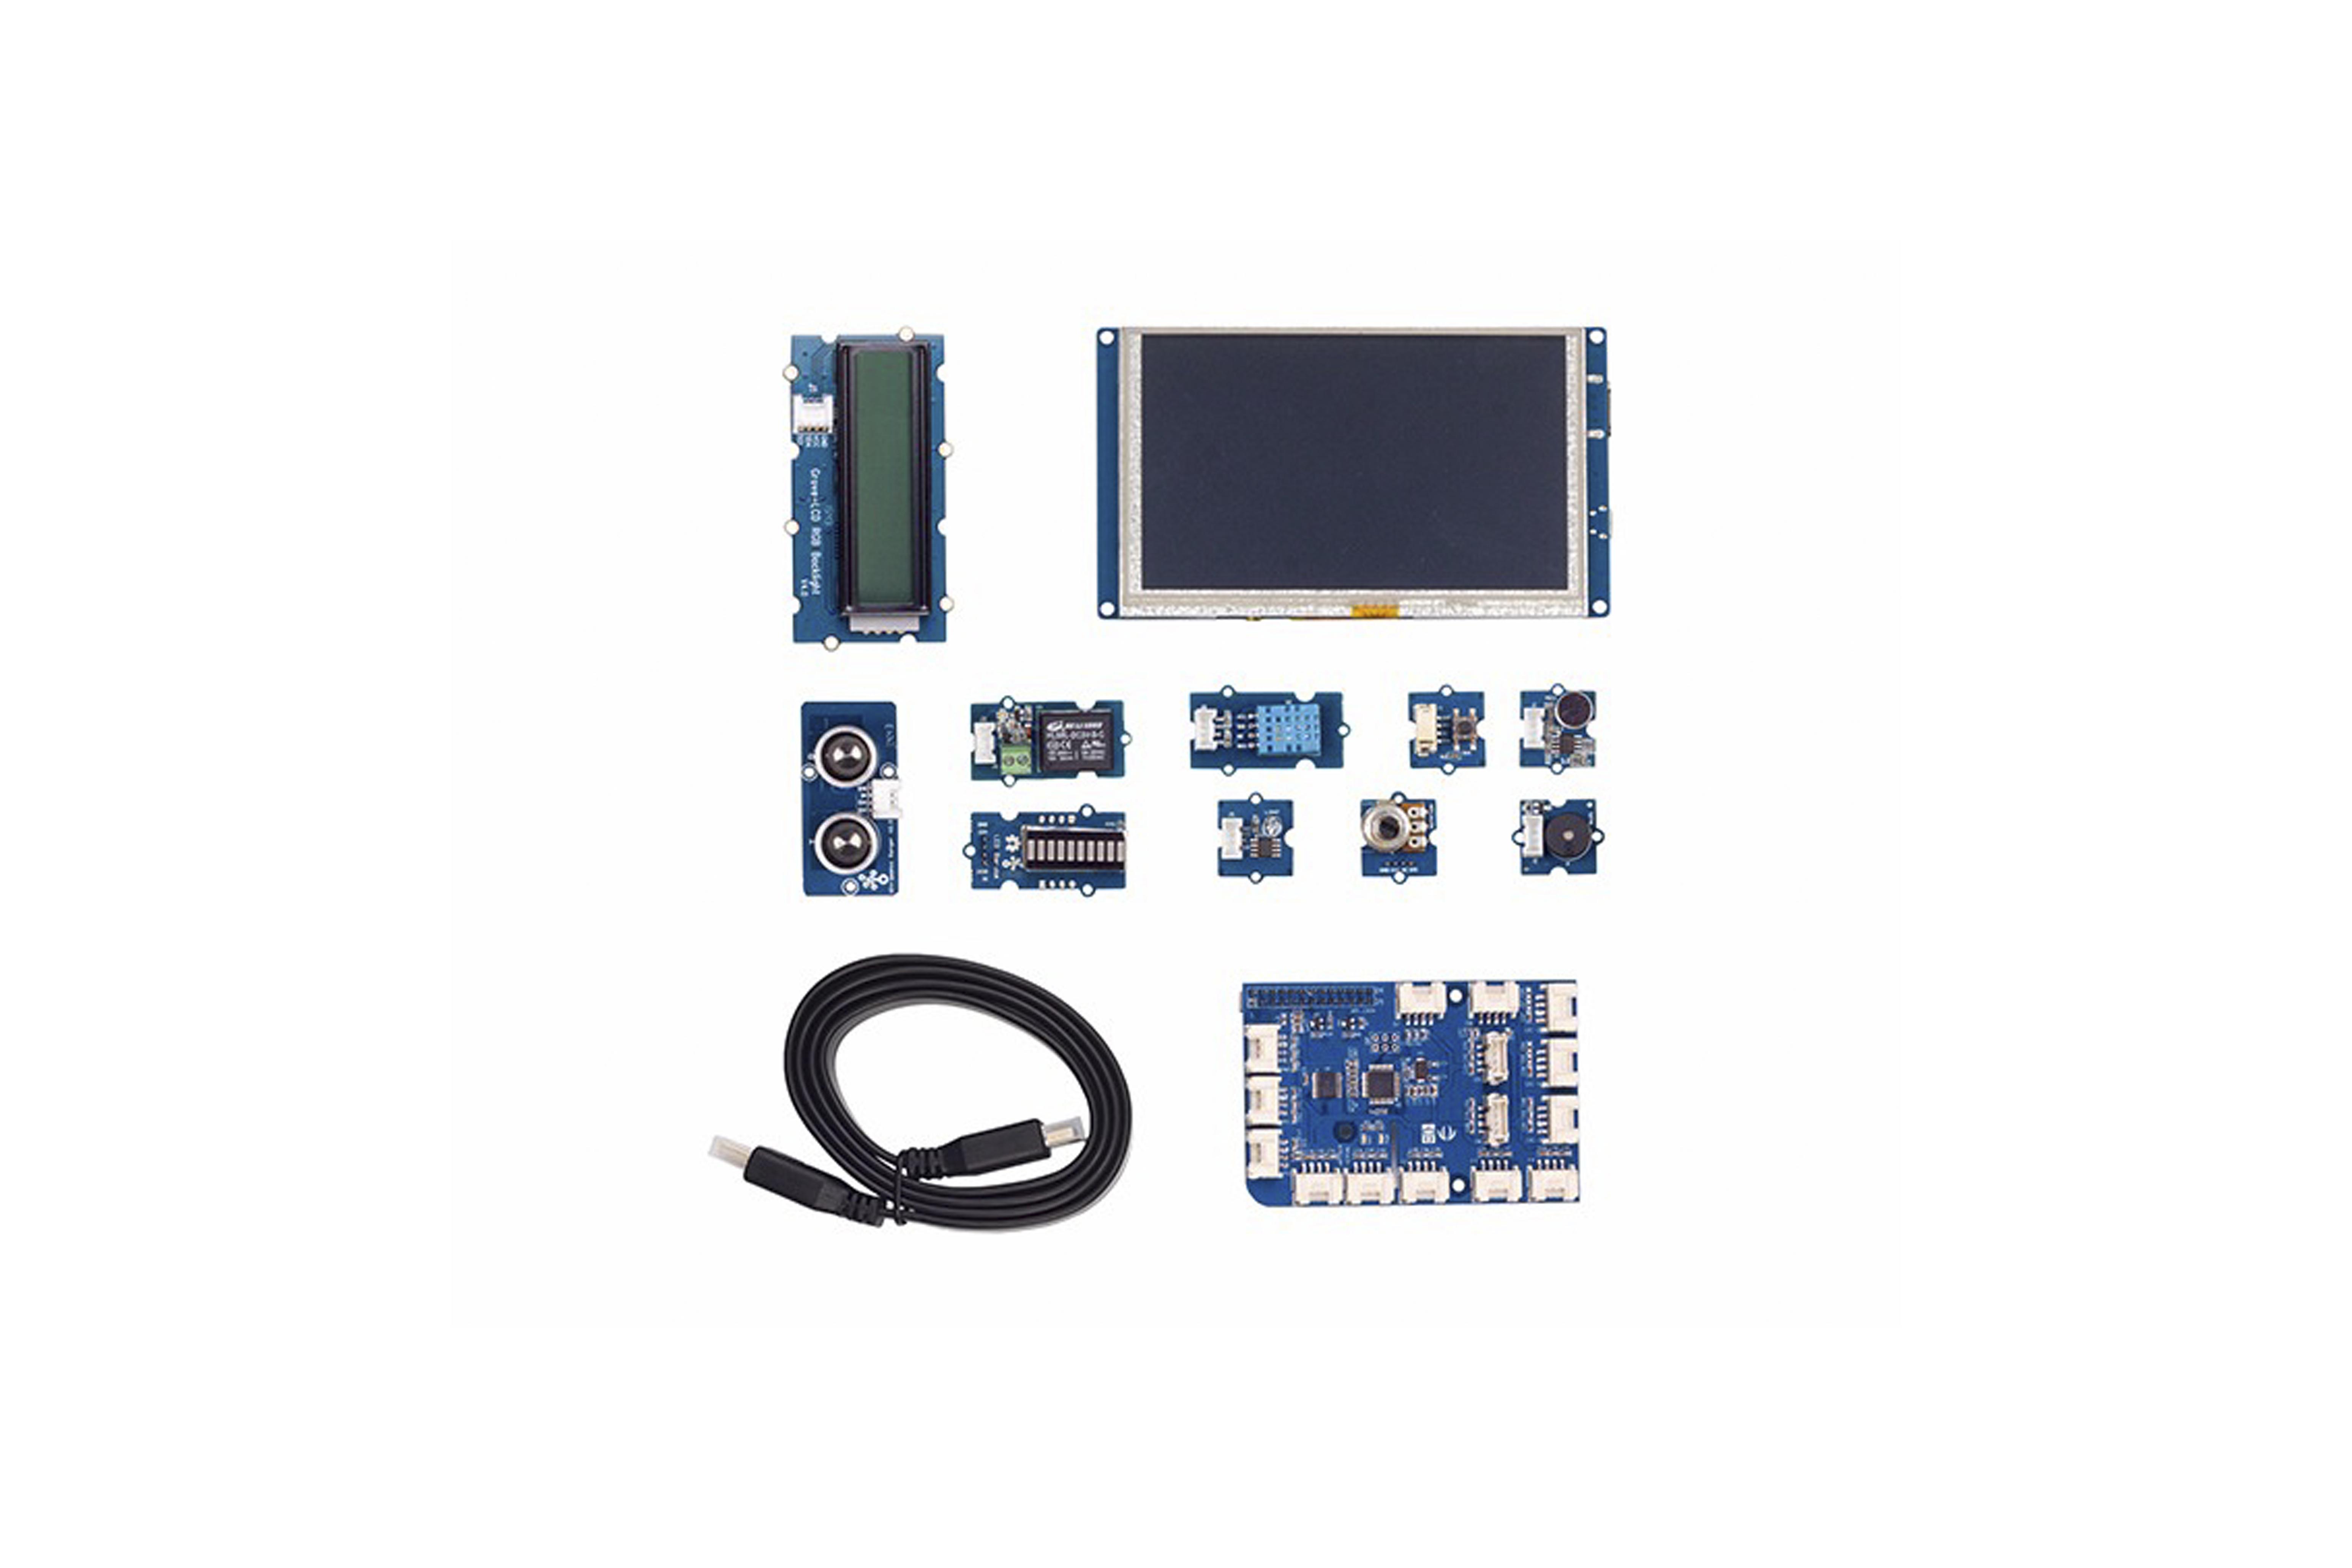 Grove Starter Kit For IoT Based On Raspberry Pi